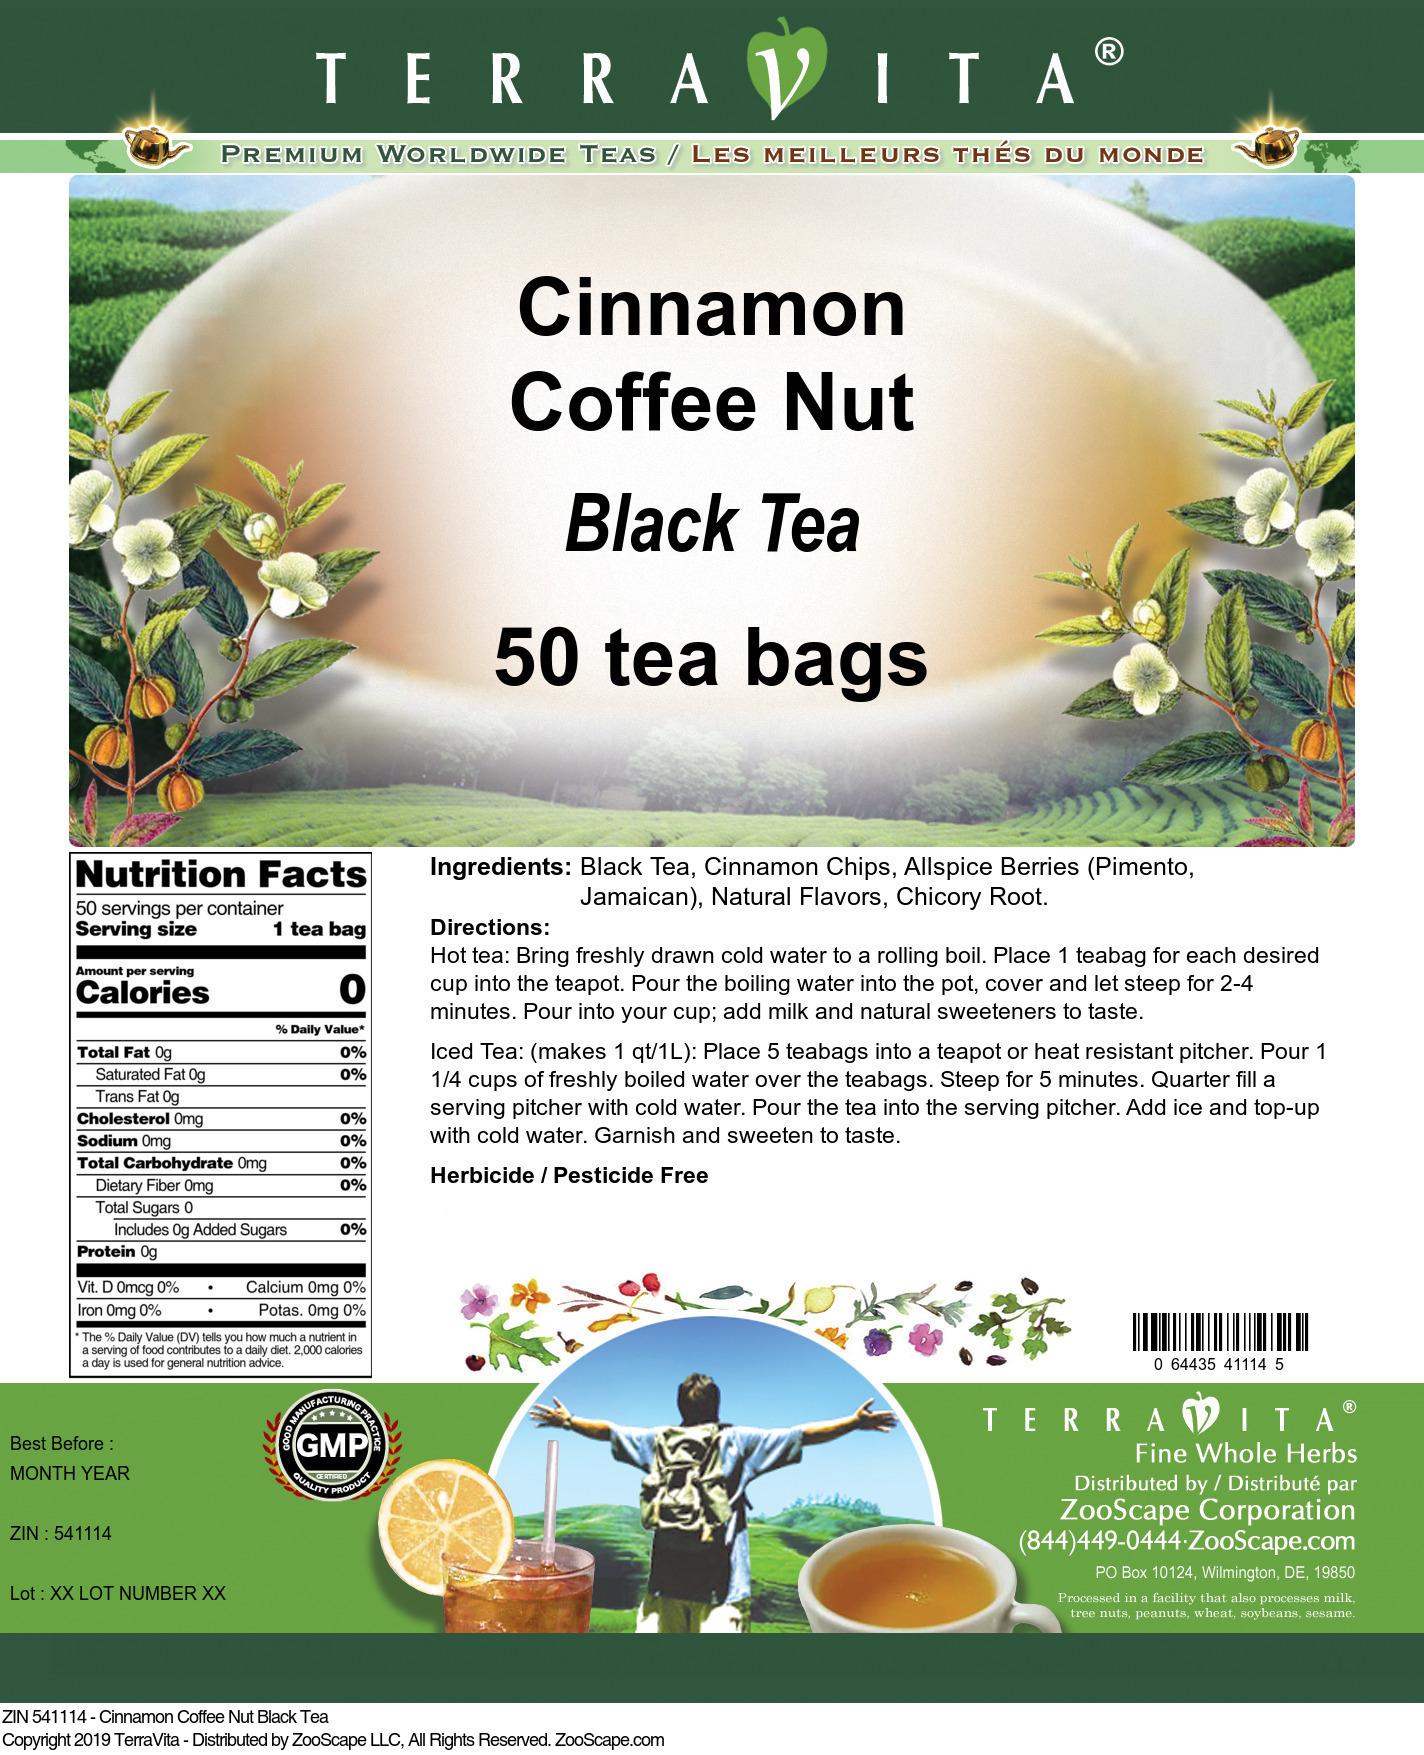 Cinnamon Coffee Nut Black Tea